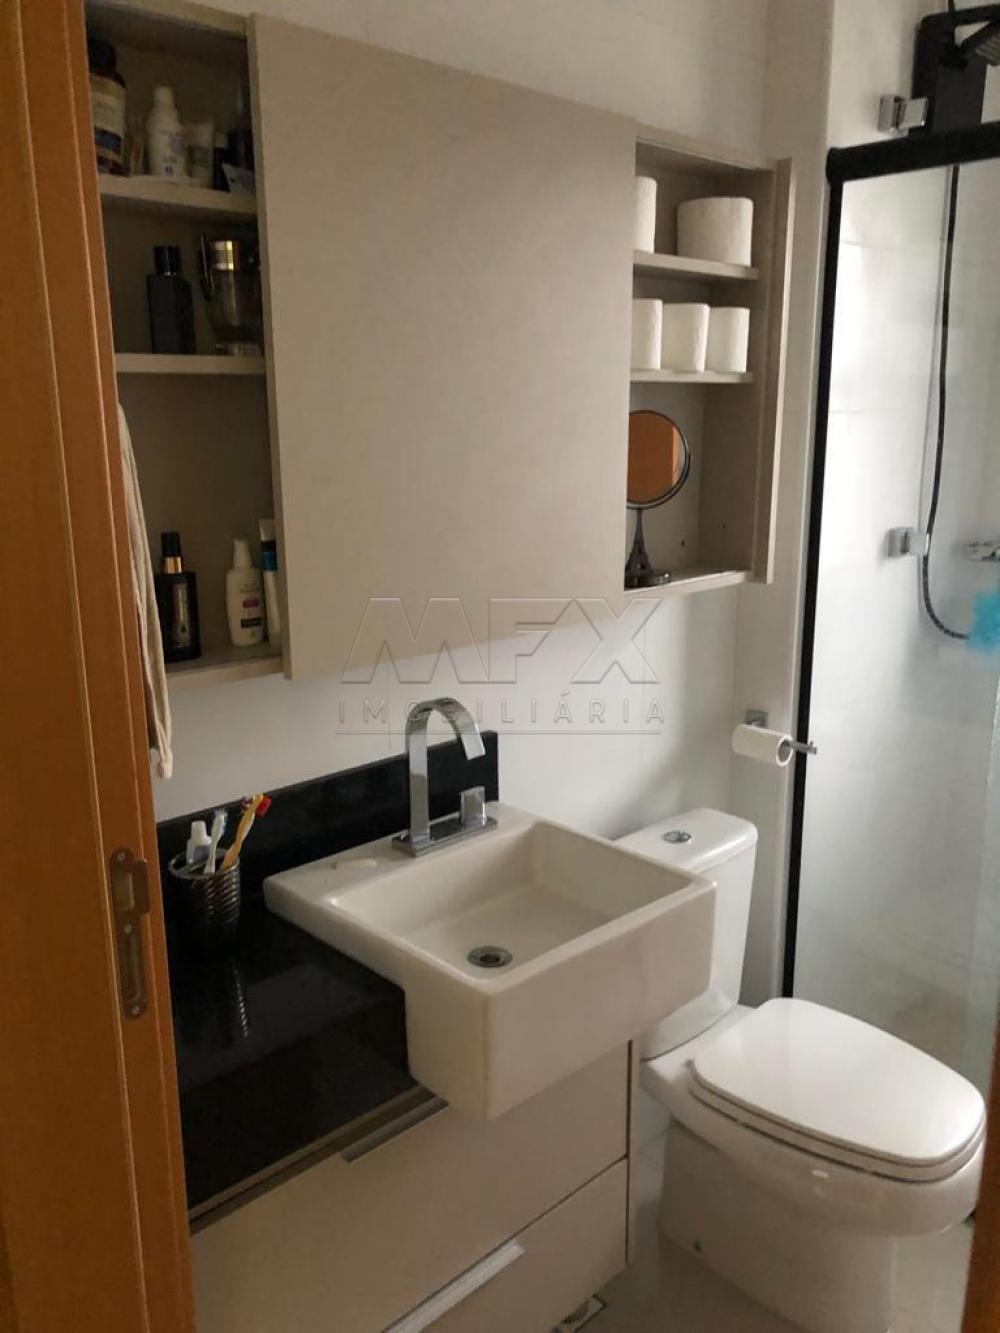 Comprar Apartamento / Padrão em Bauru R$ 590.000,00 - Foto 9